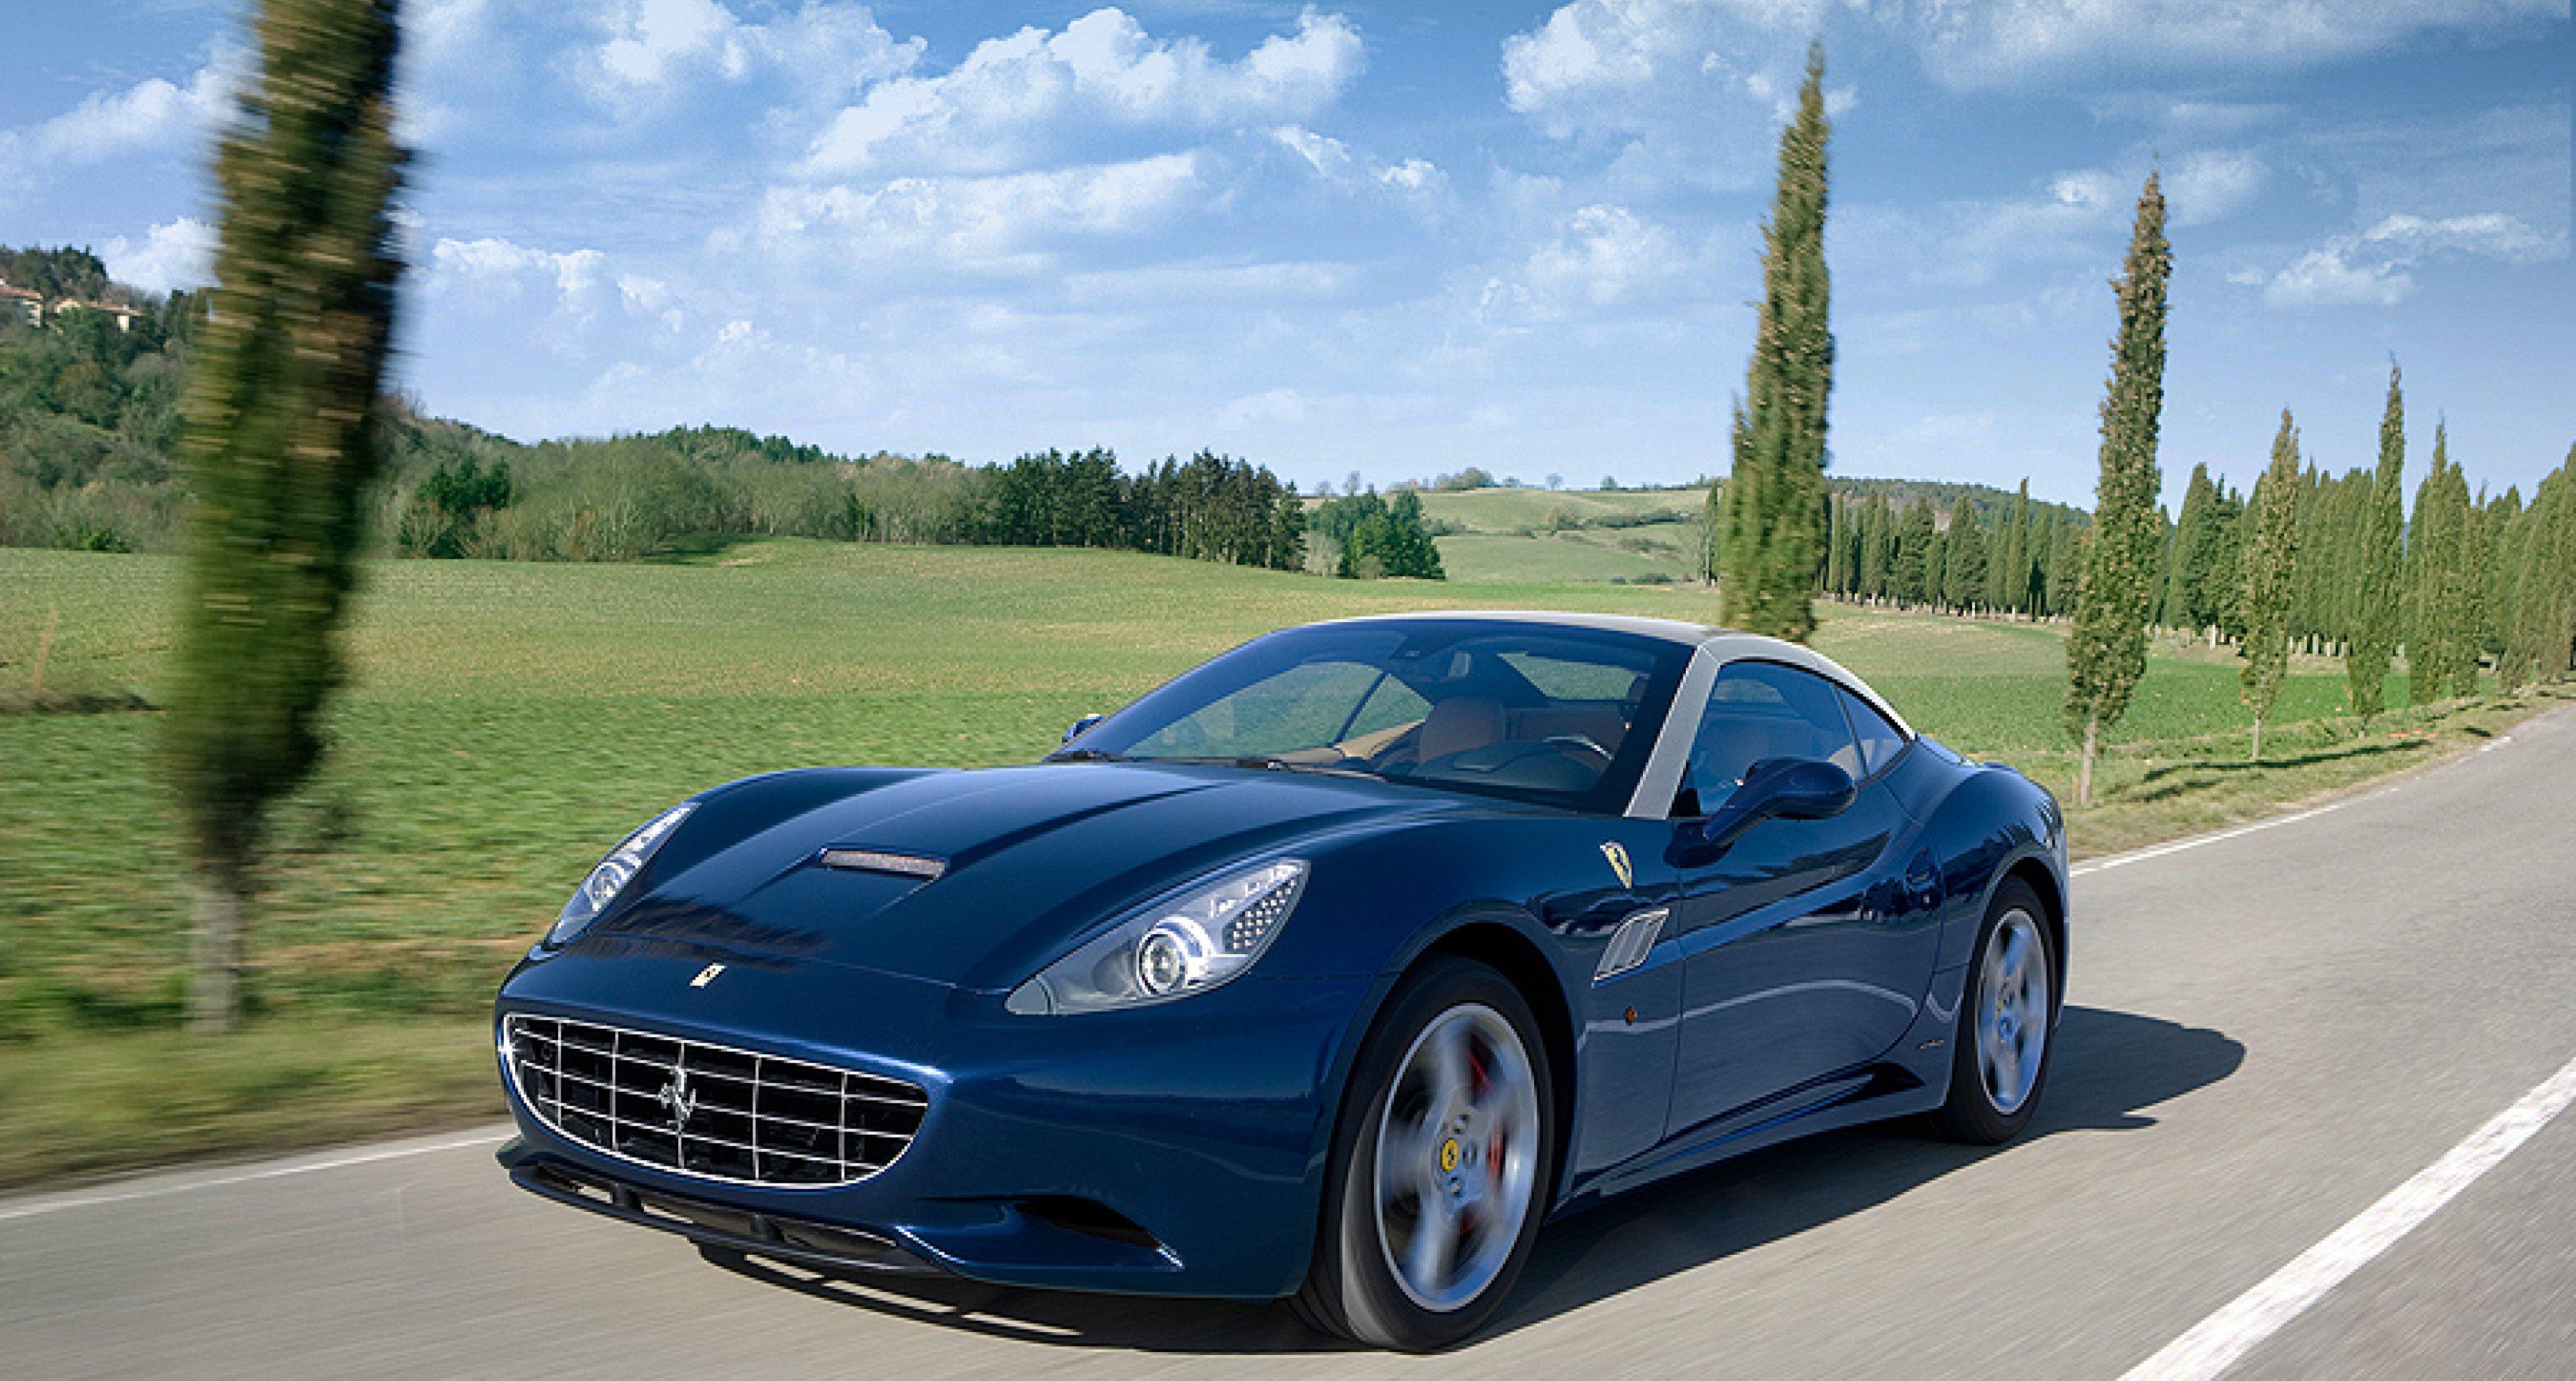 Genfer Salon 2012: Ferrari California wird schneller und leichter